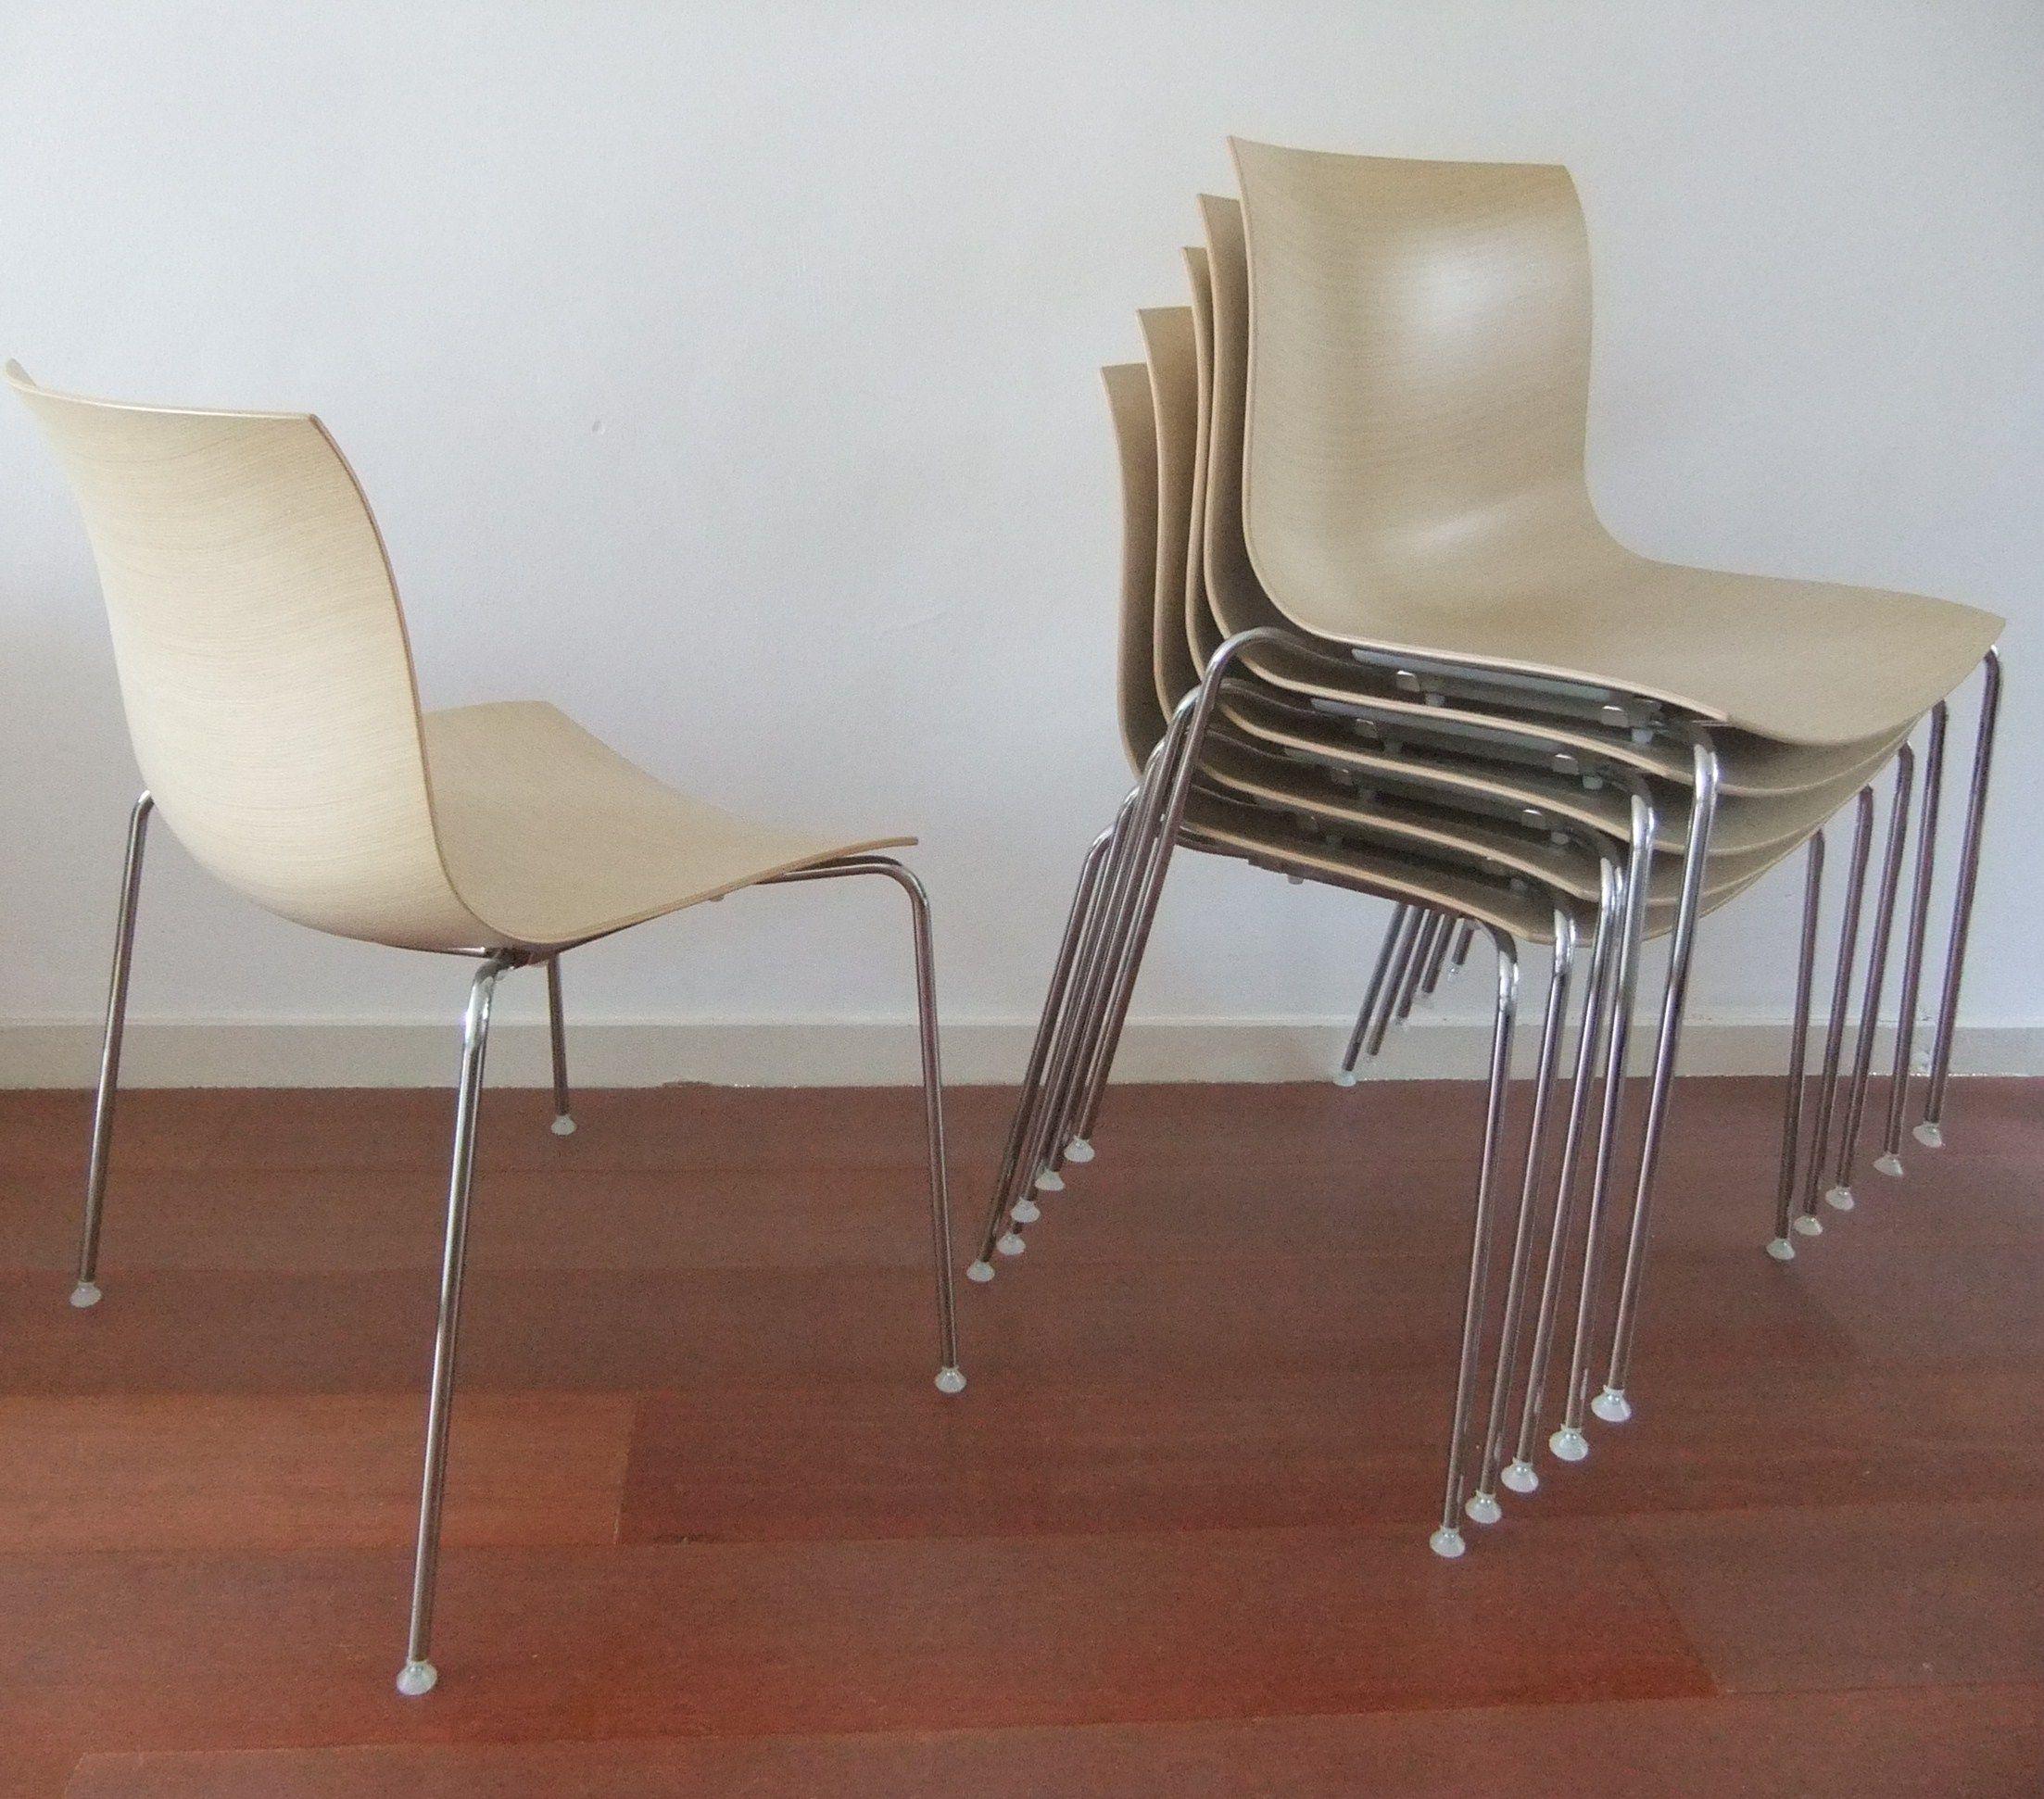 6 Design Stoelen.Arper Catifa Design Stoelen Uitvoering Bleached Oak 6 Stuks